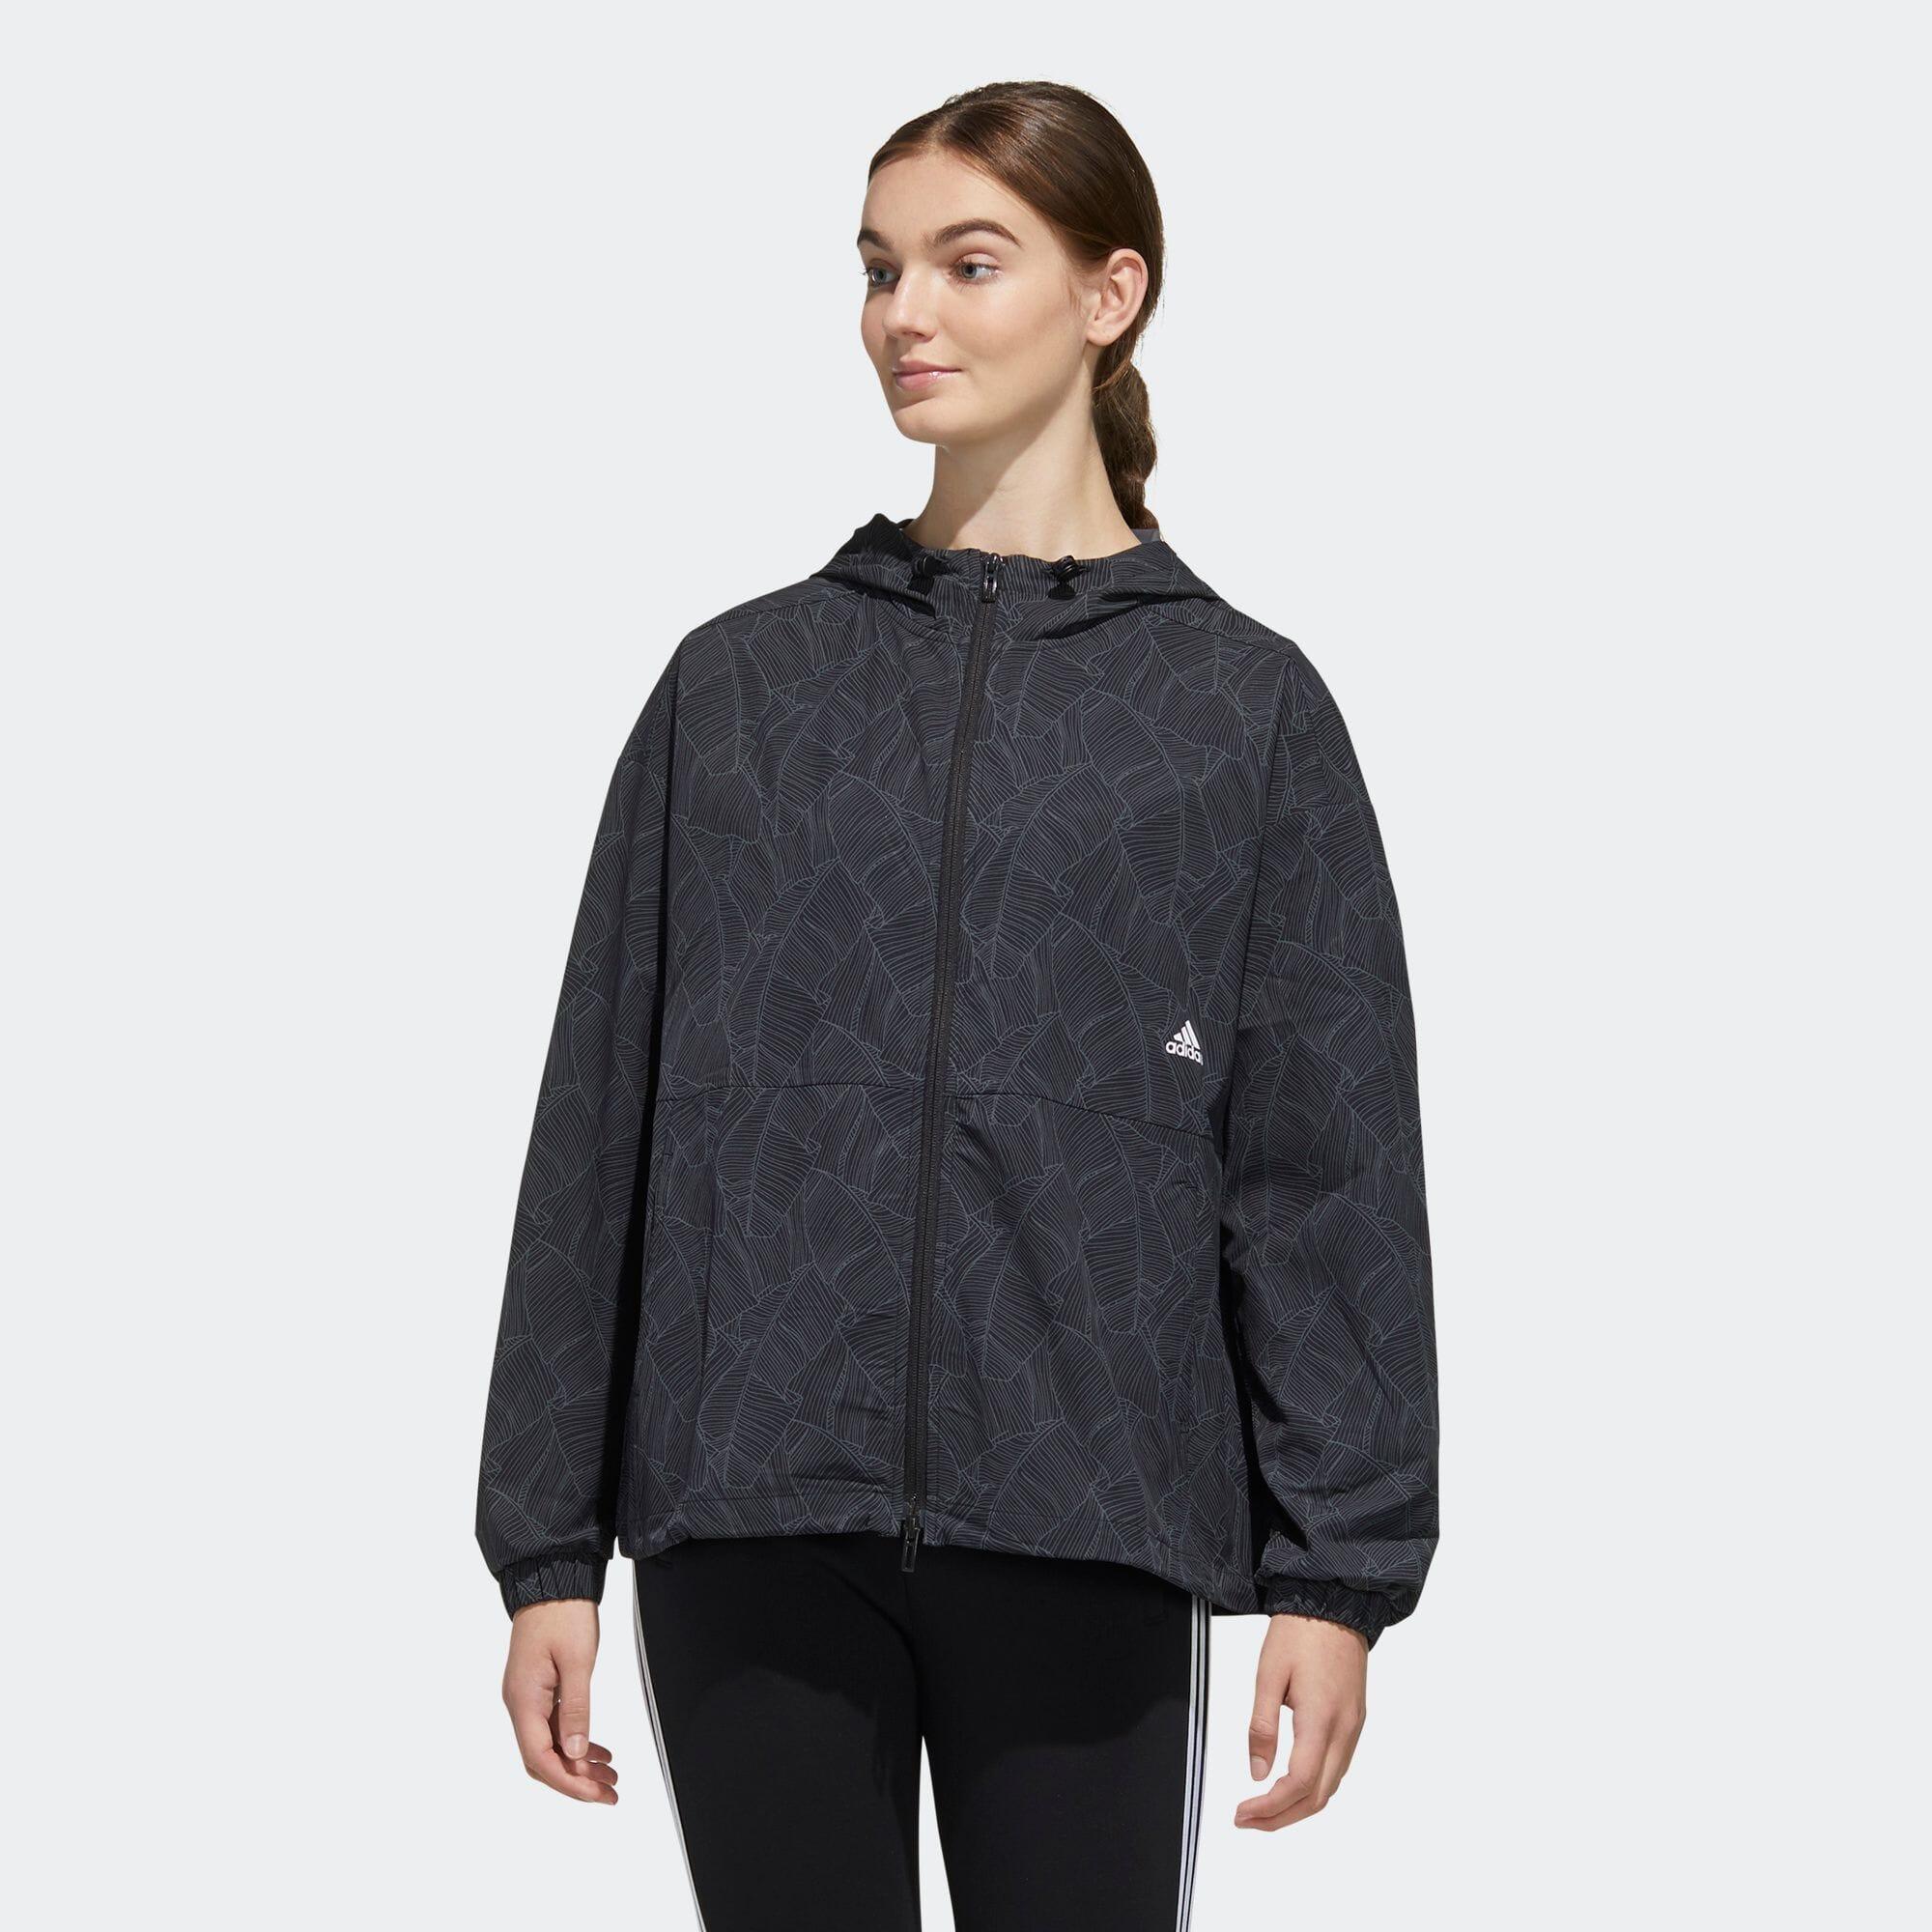 マストハブ グラフィック ストレッチジャケット / Must Haves Graphic Stretch Jacket